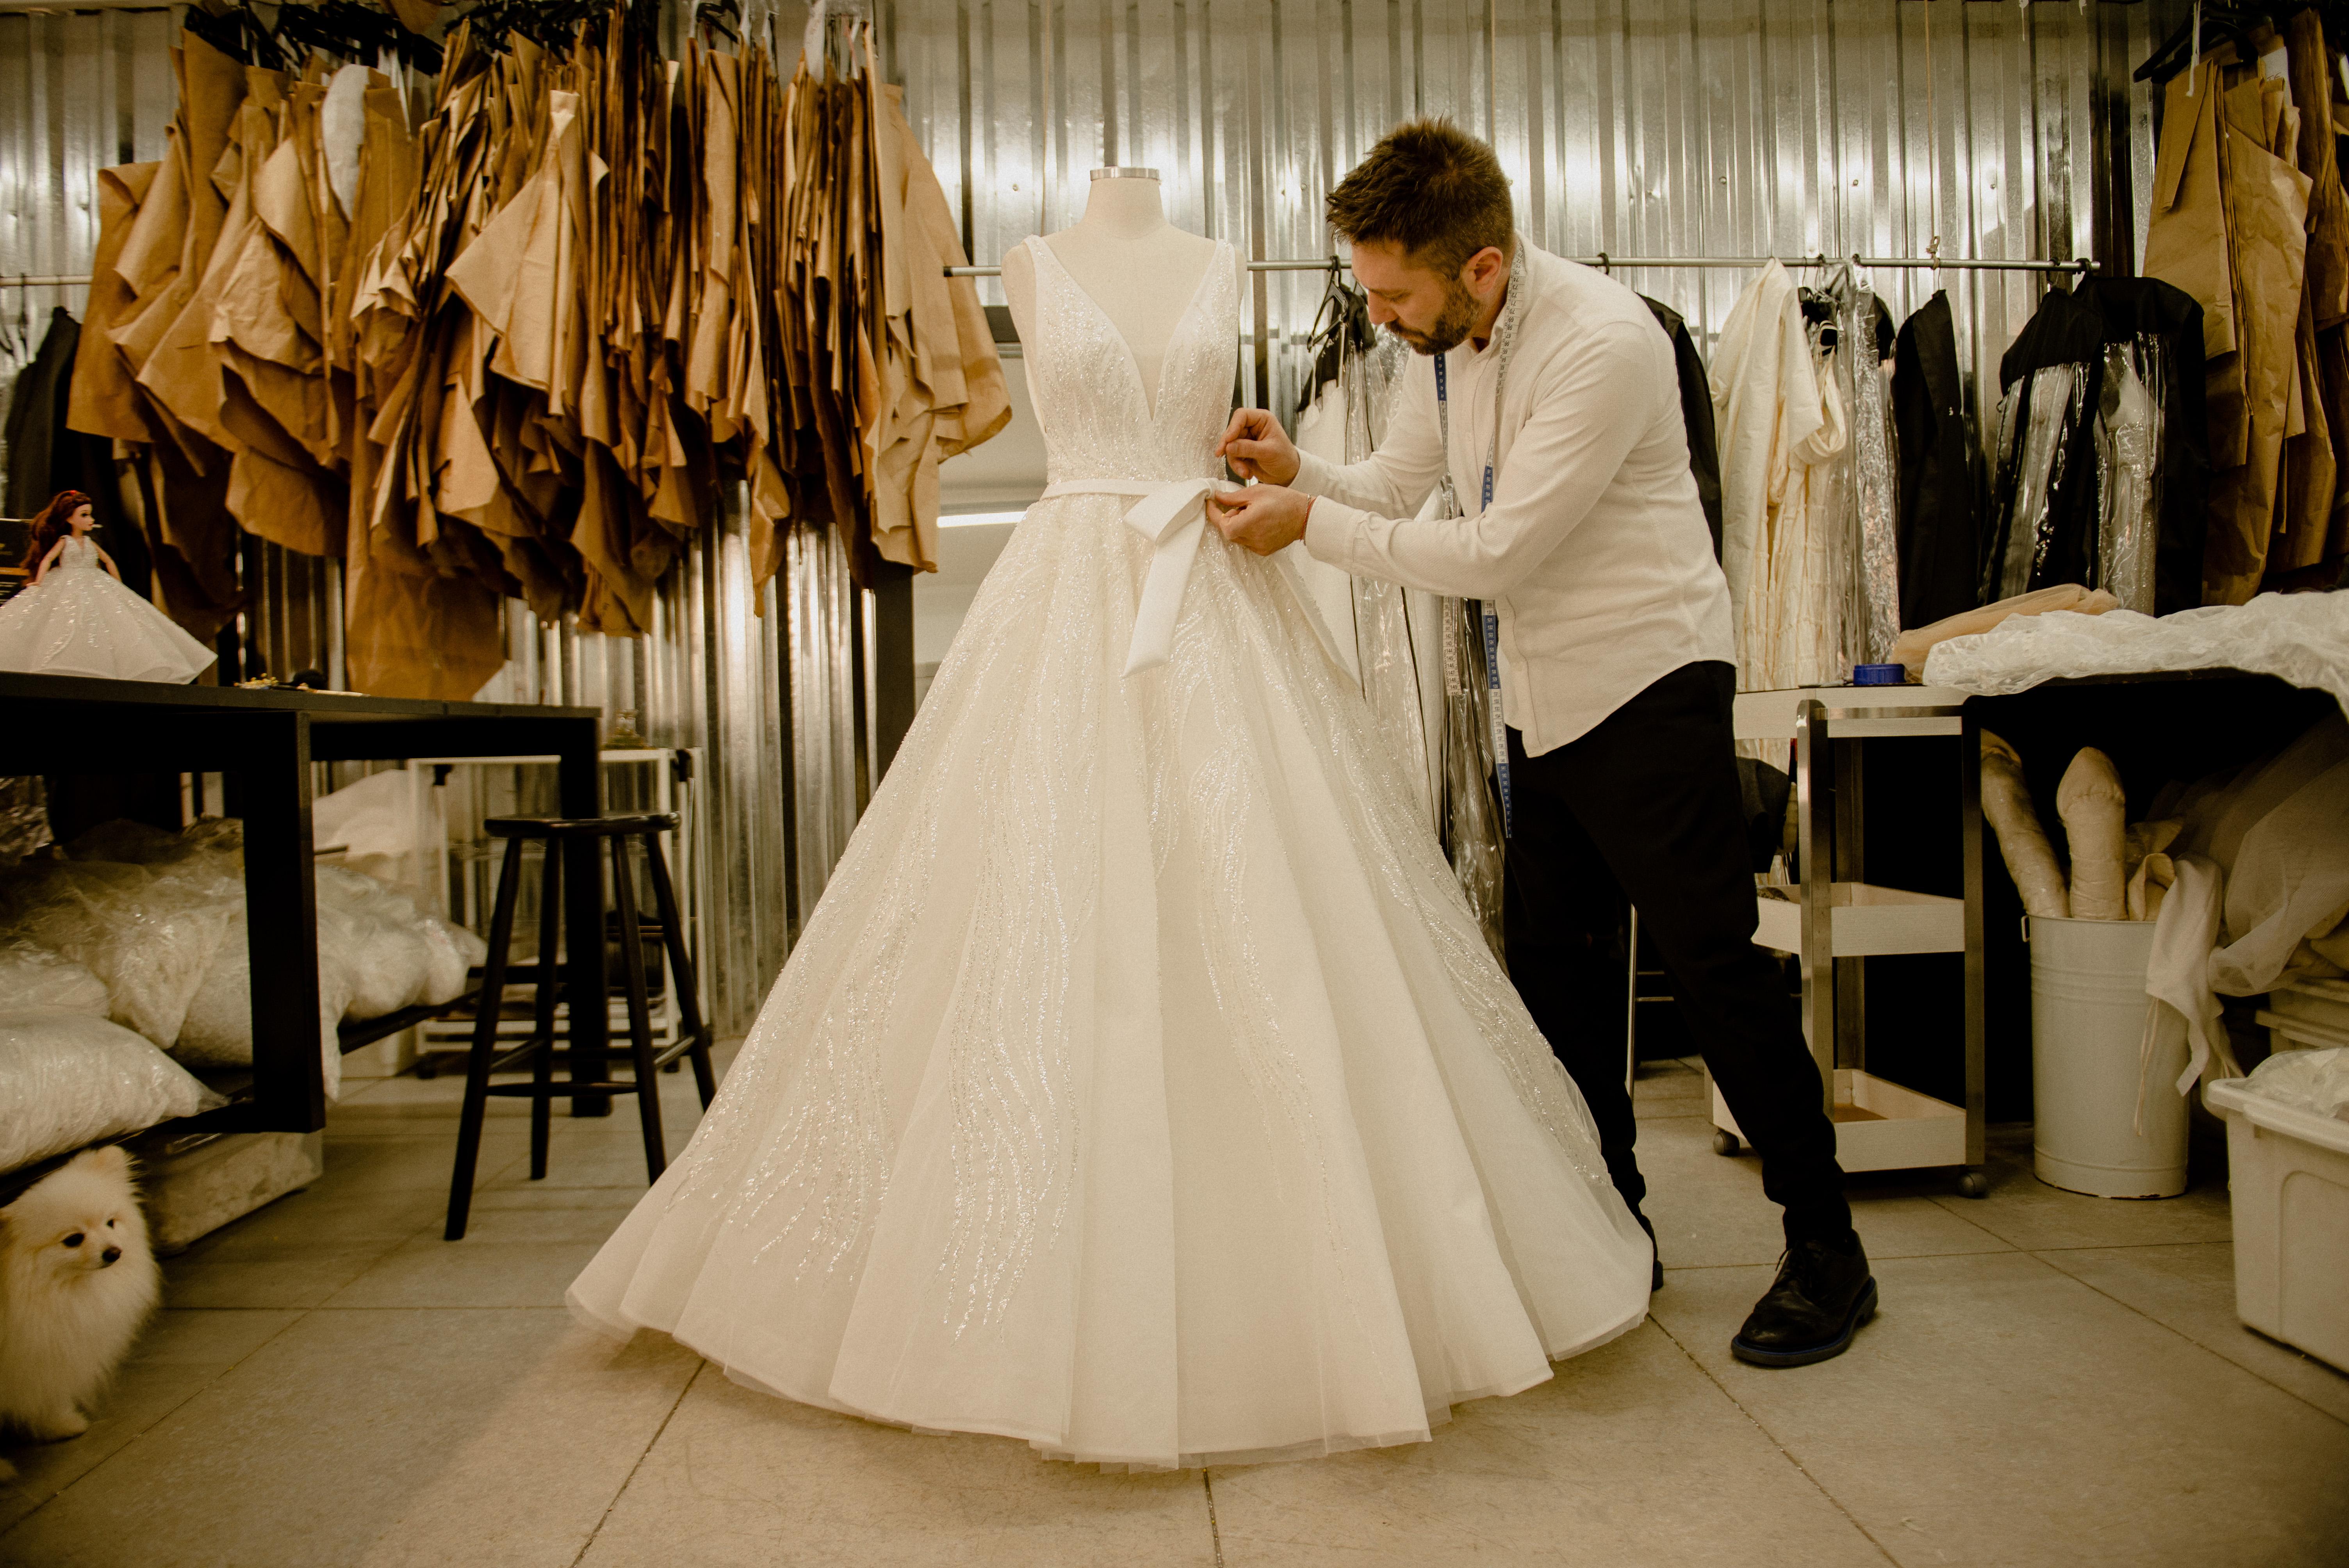 Lucas Anderi costura trecho de vestido de noiva na imagem. Aparece de paletó preto e camisa branca ao lado do vestido em seu ateliê.